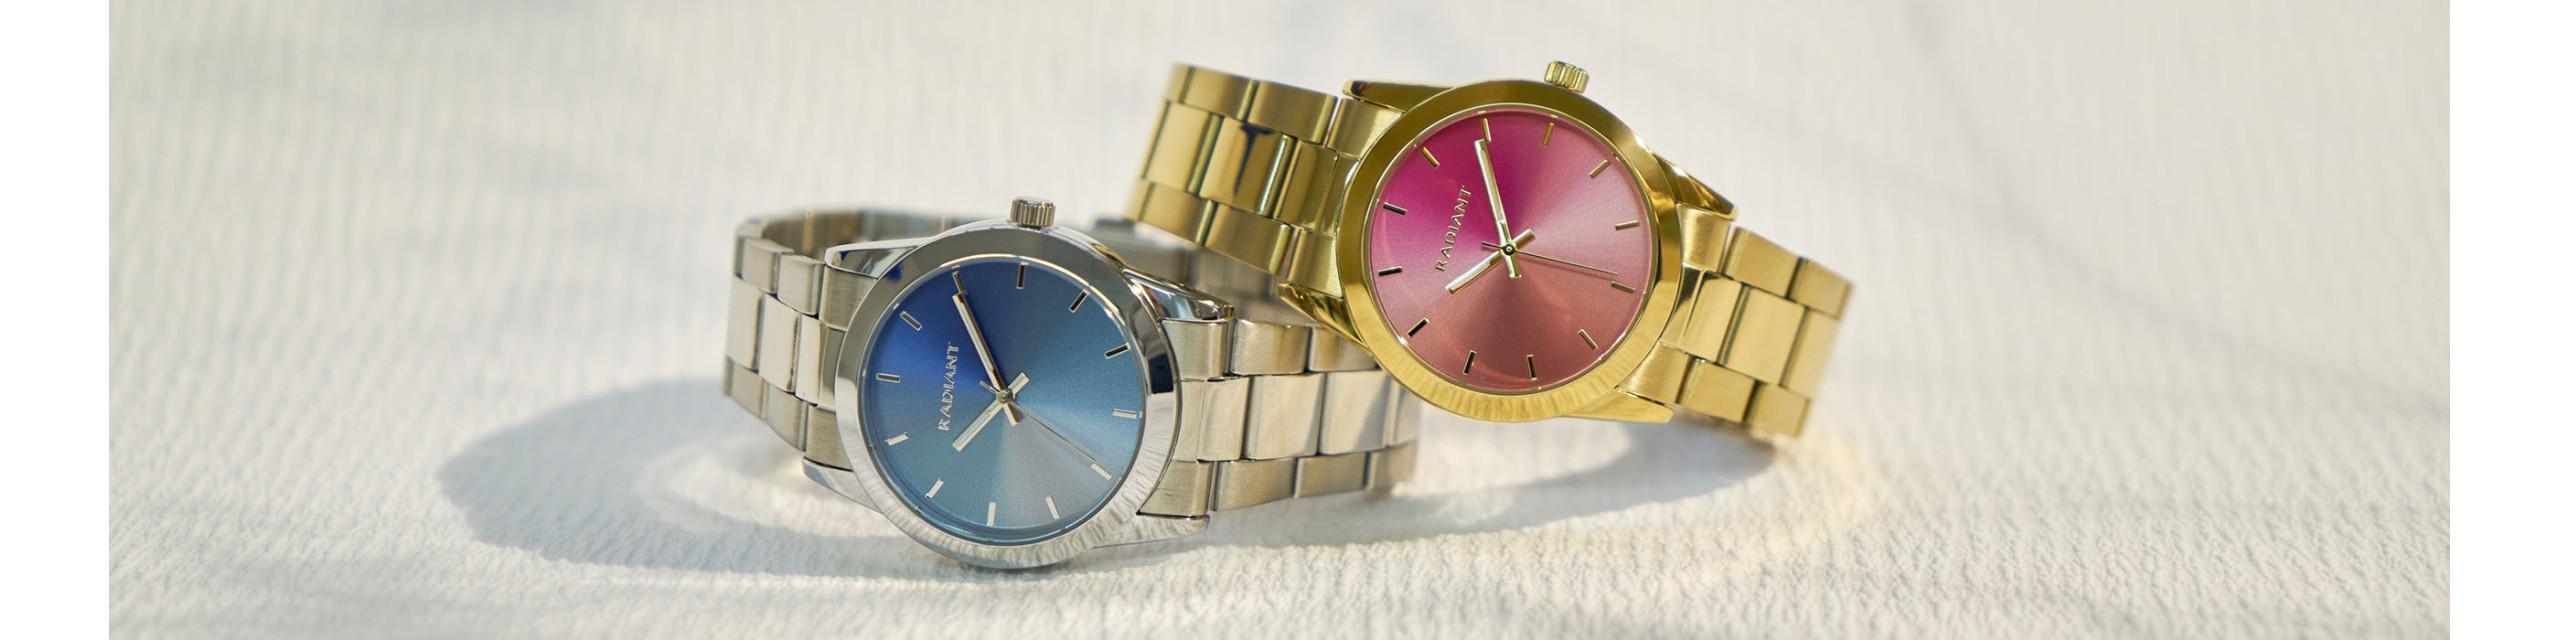 A melhor colecção de Relógios para Mulher ⌚ - Radiant Portugal